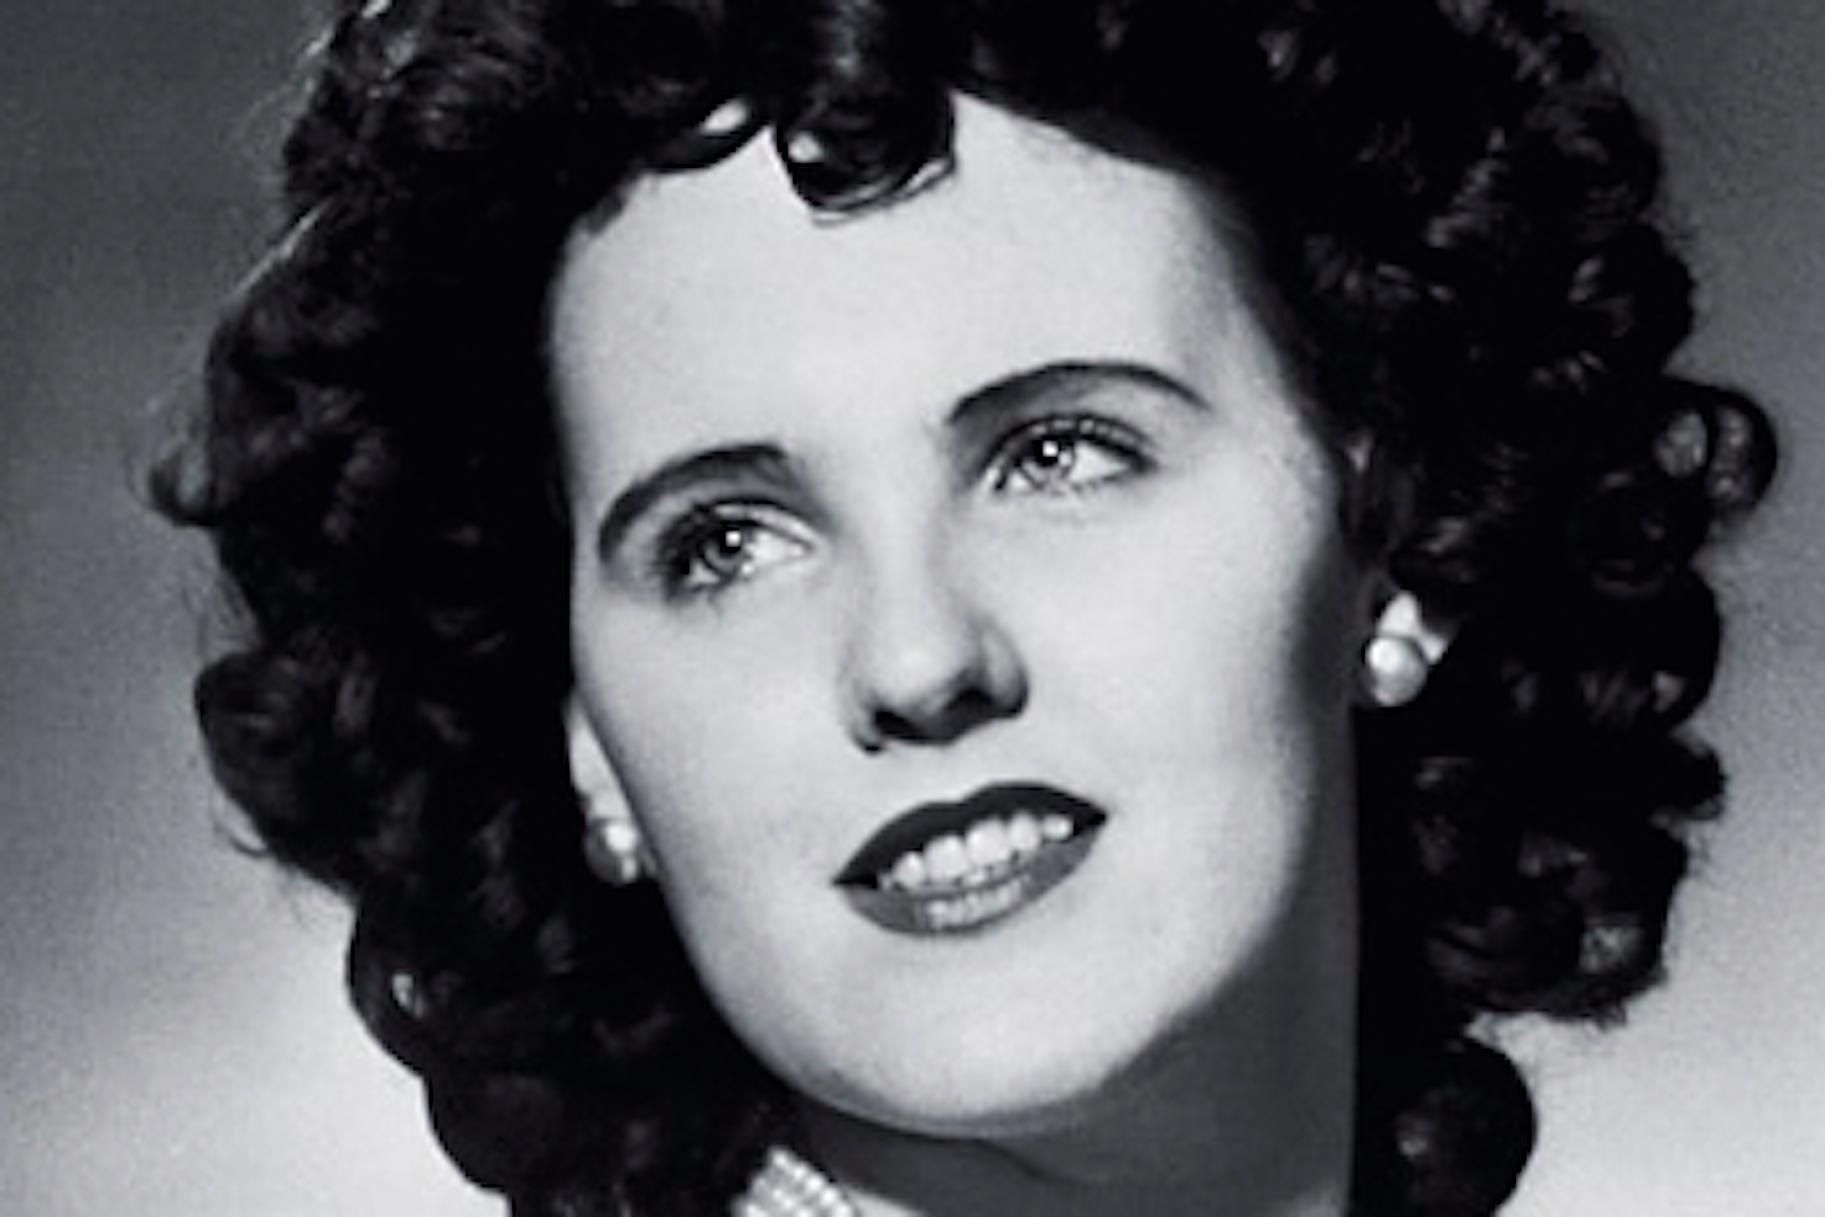 Black Dahlia: un brutale caso di omicidio può restare irrisolto per l'intromissione mediatica?